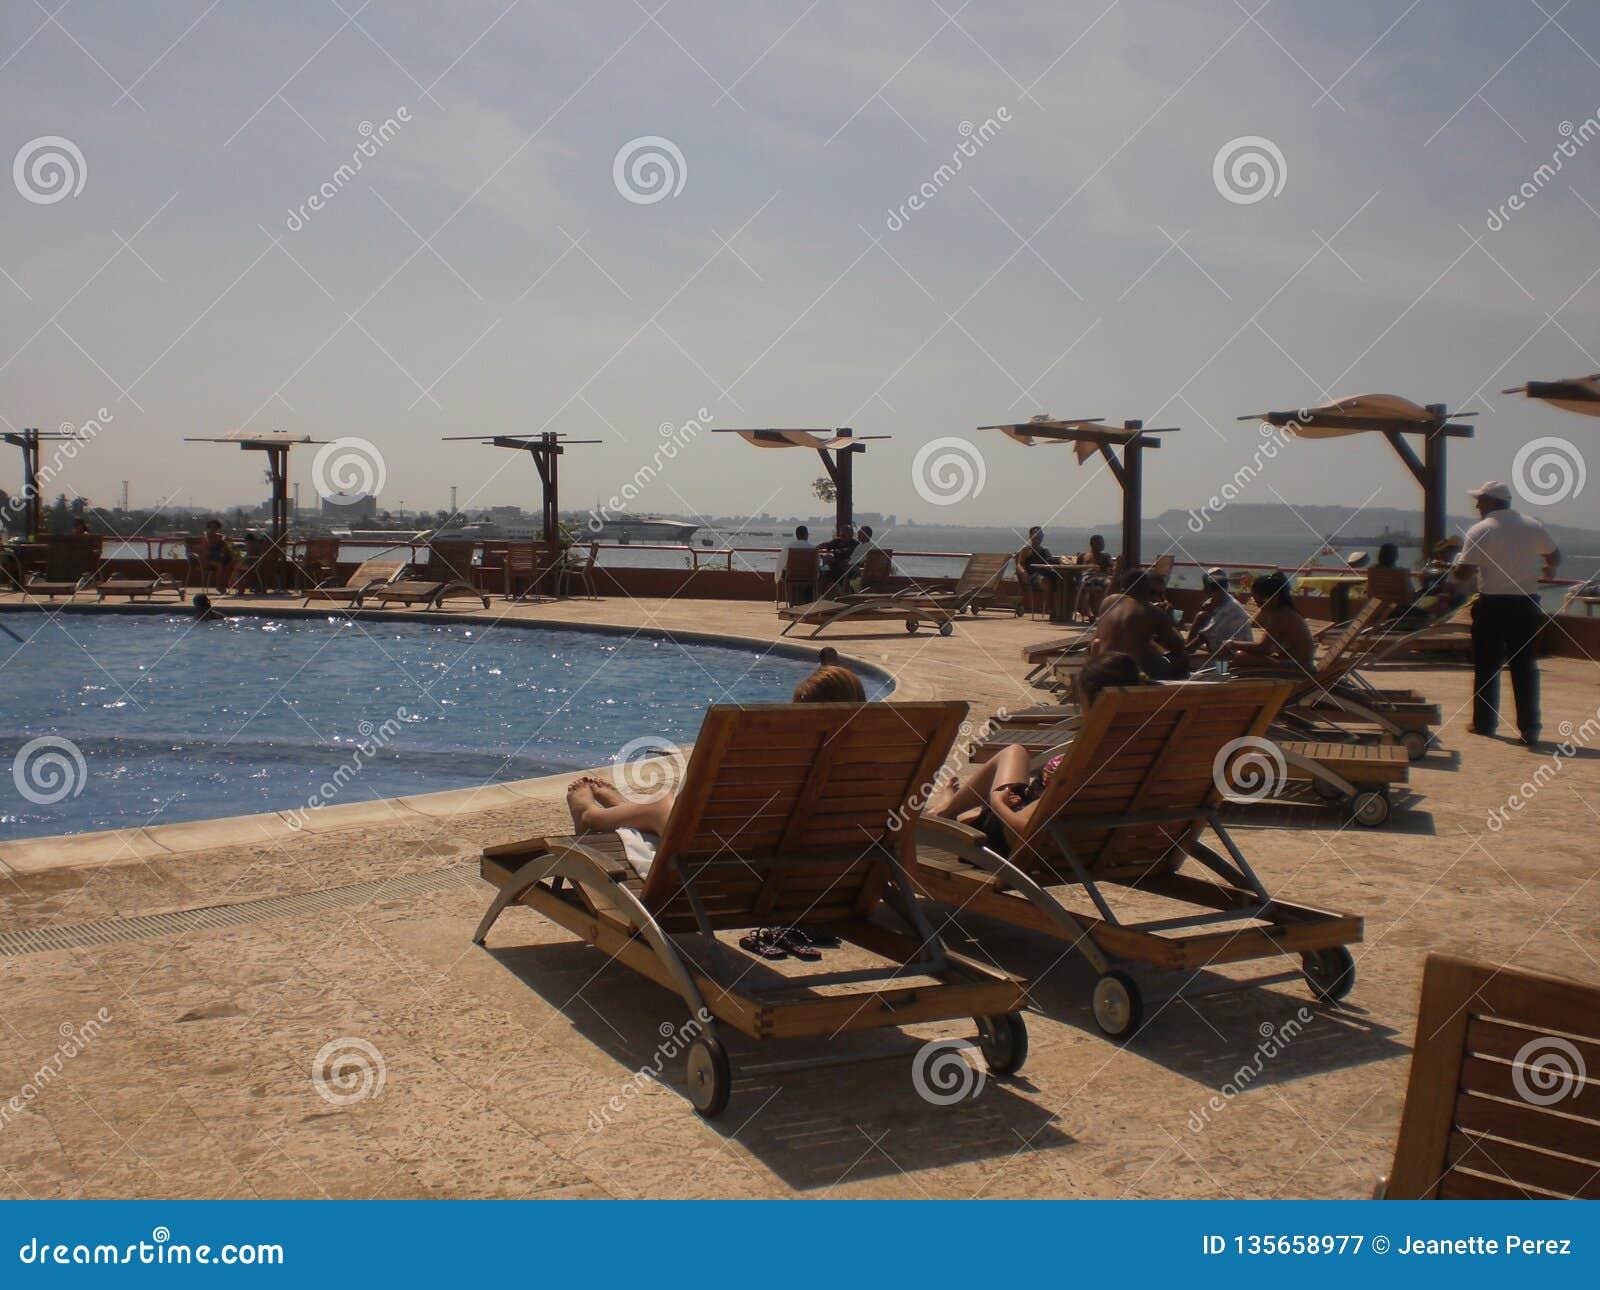 水池和sunbeds看法与晒日光浴在加勒比的旅馆里的沐浴者